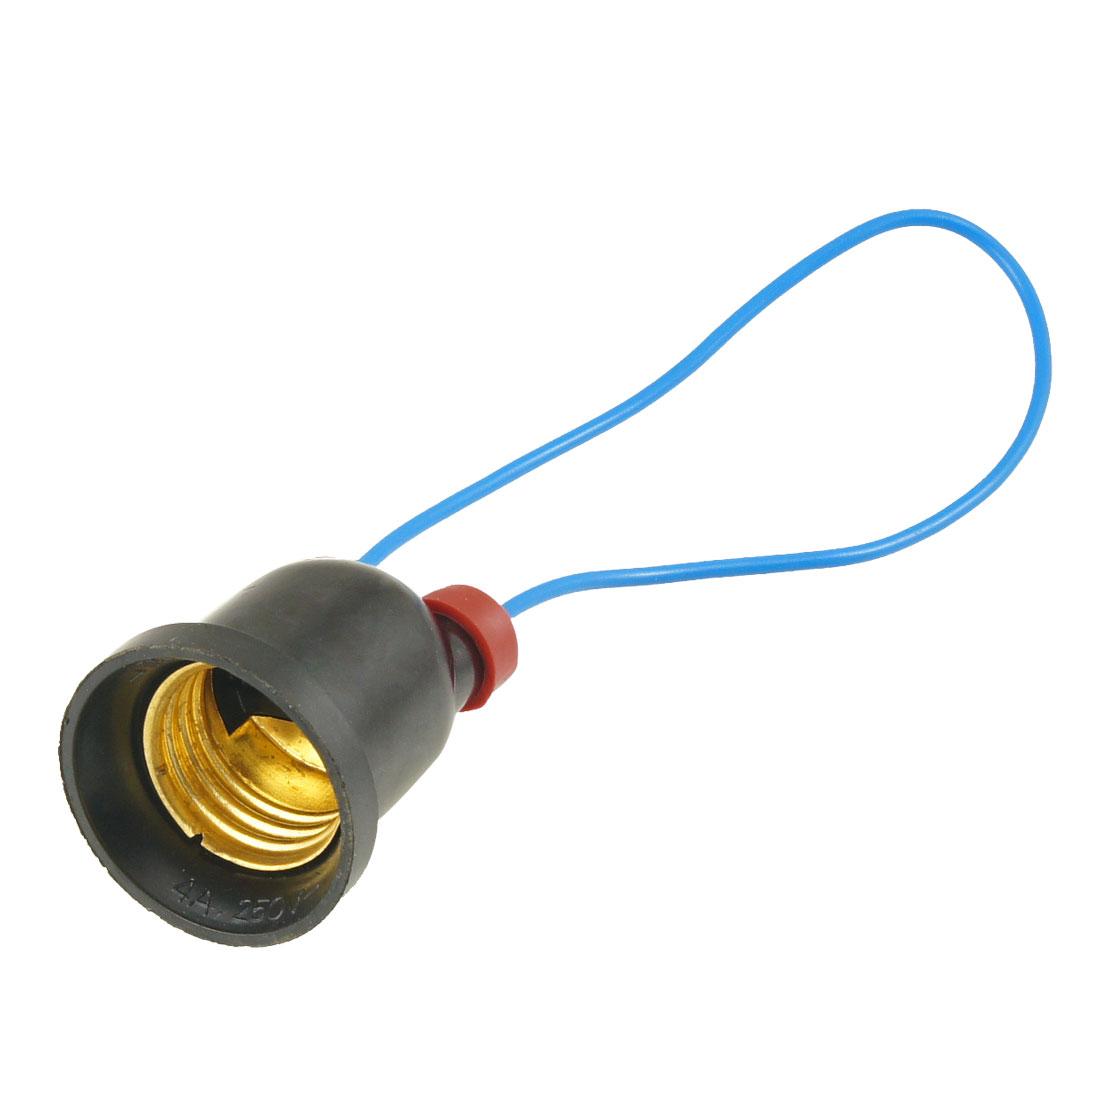 Plastic E27 Screw Base LED Halogen CFL Light Bulb Lamp Adapter Converter